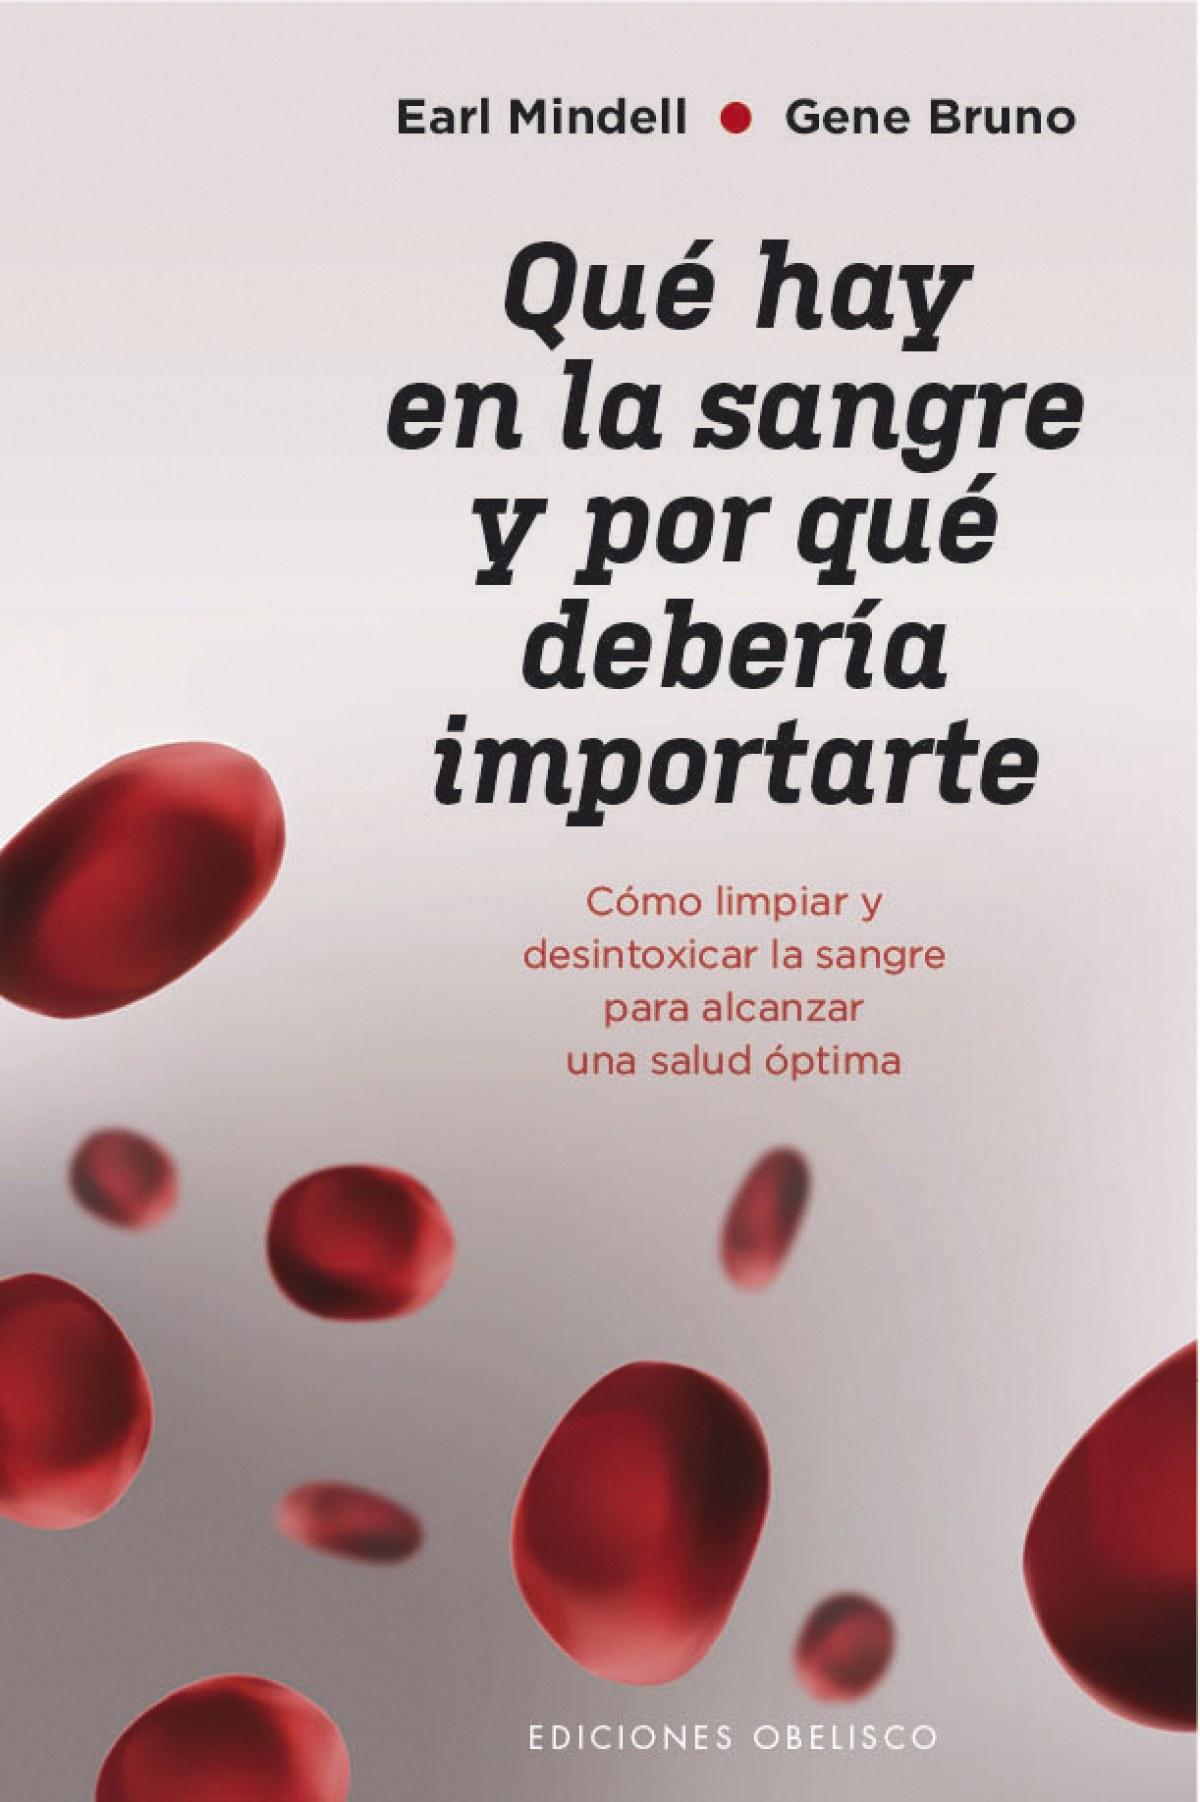 Qué hay en la sangre y por qué debería importarte